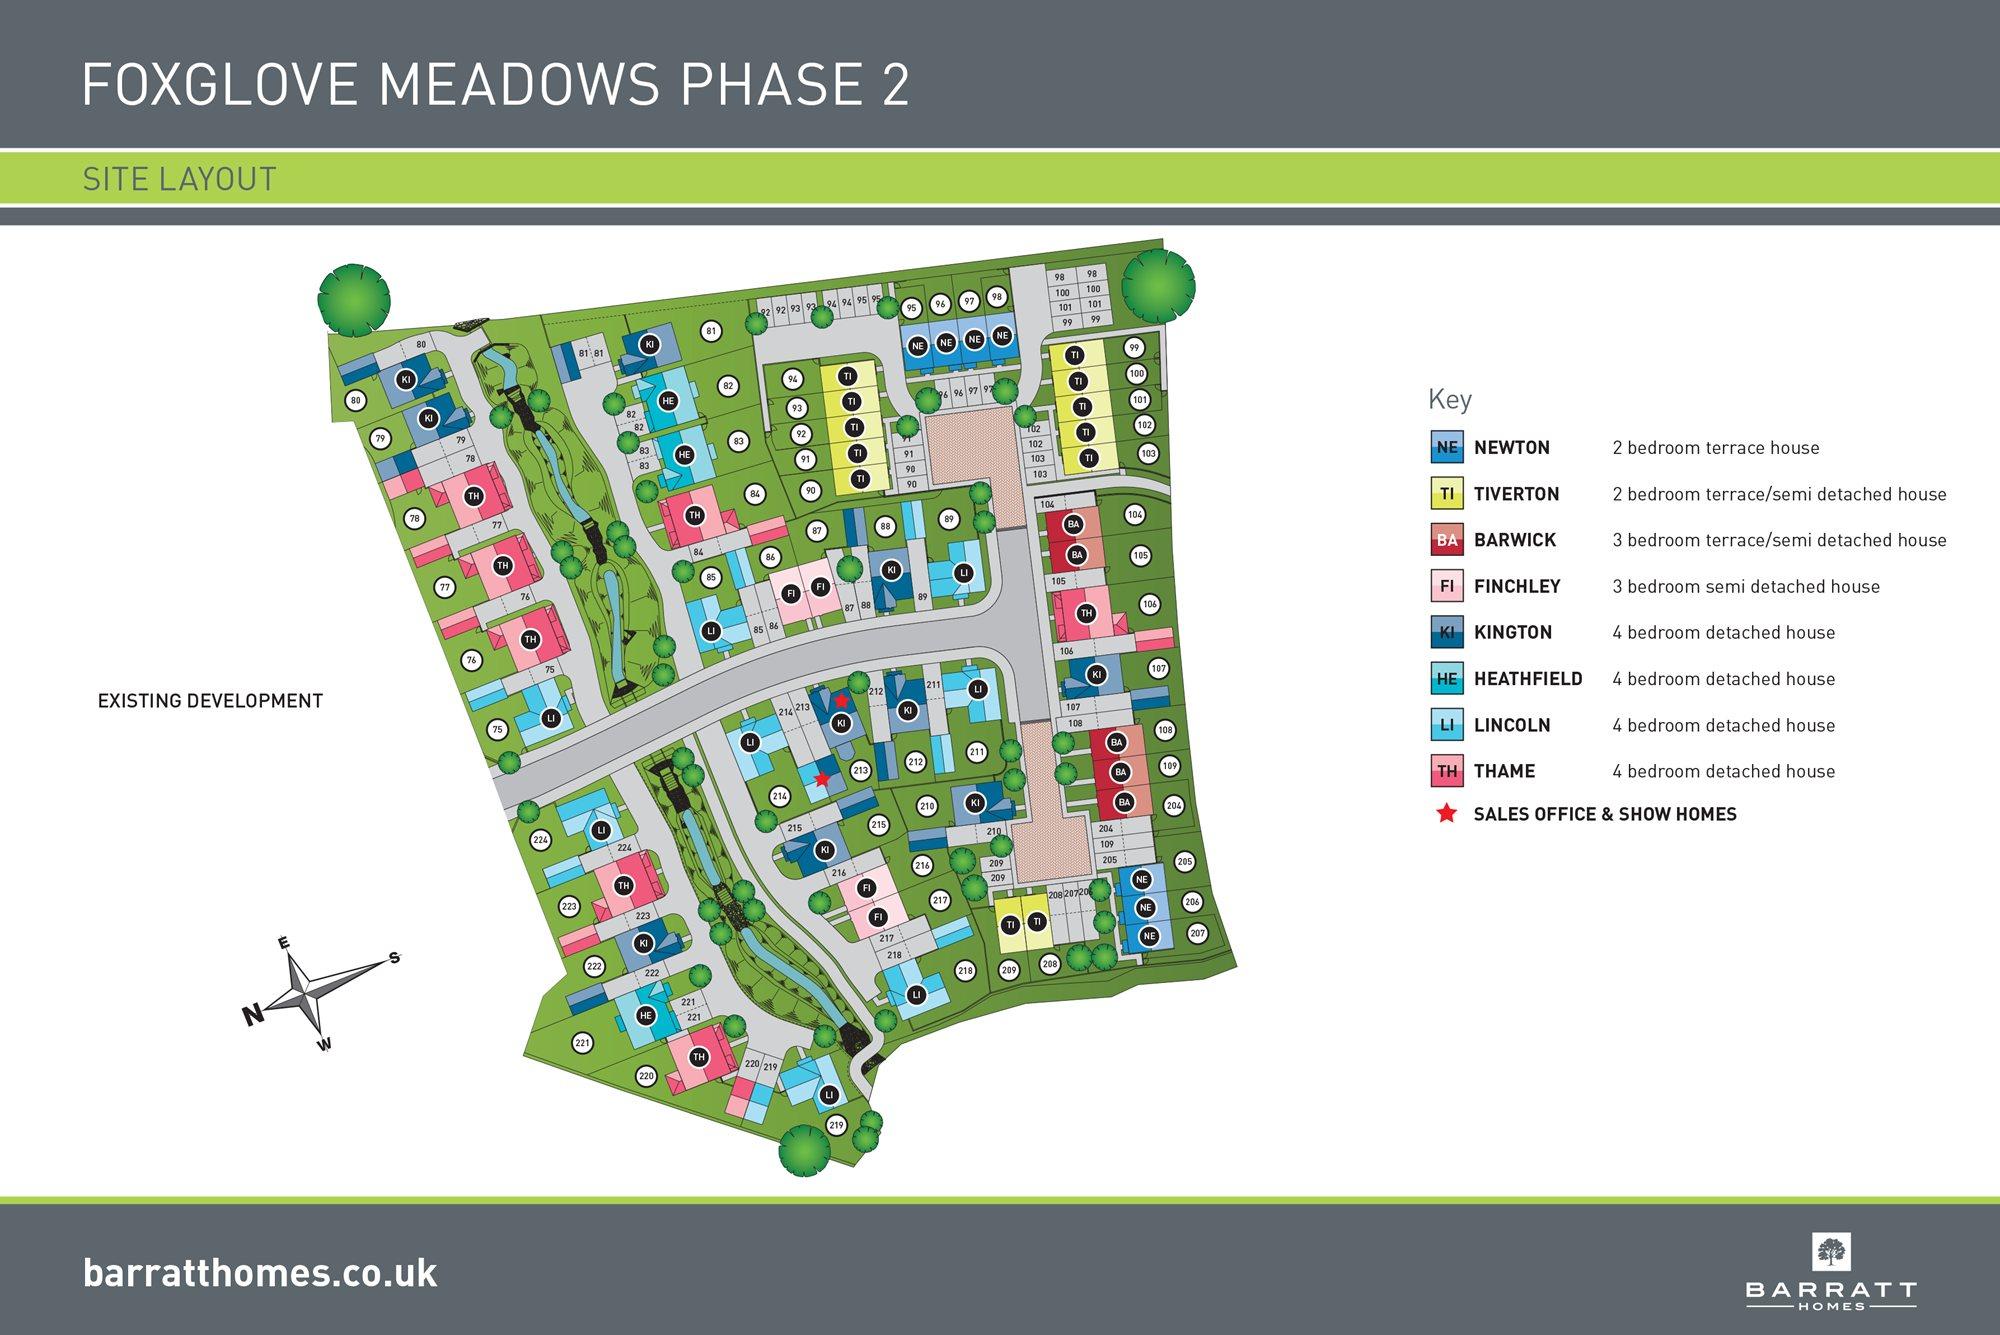 Foxglove Meadows Phase 2 site plan